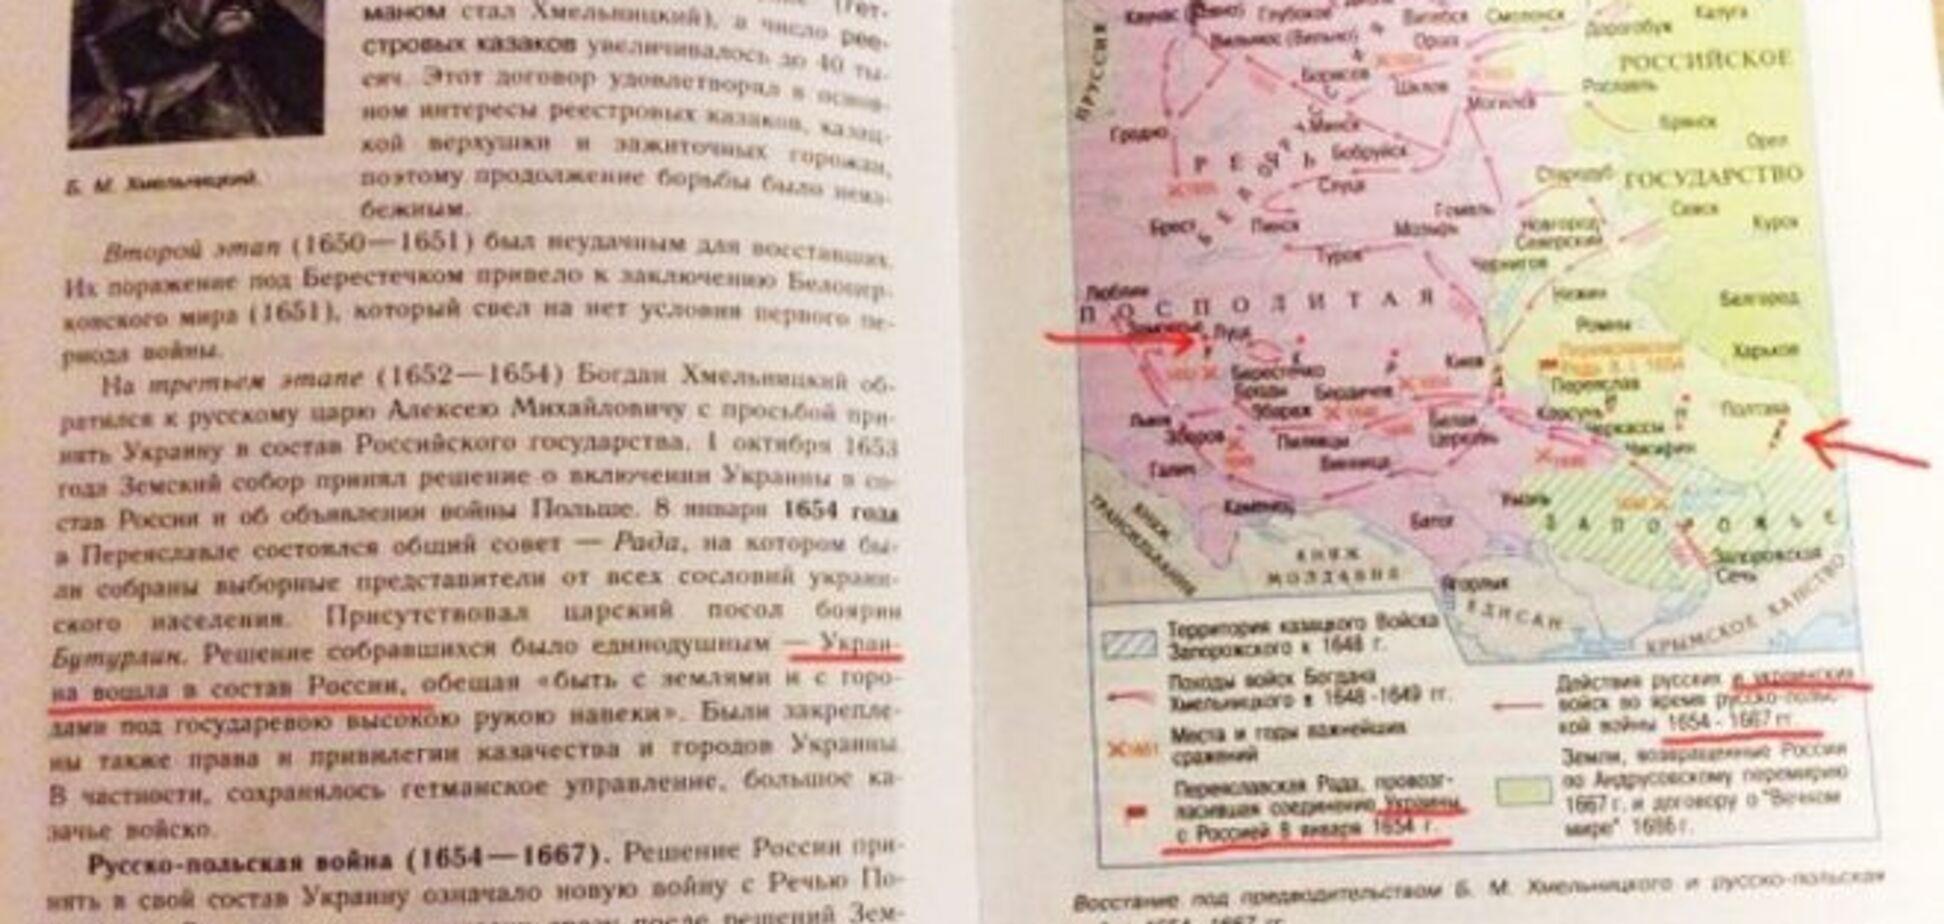 'На карте написано УКРАИНА': русские нашли 'крамолу' в учебниках по истории